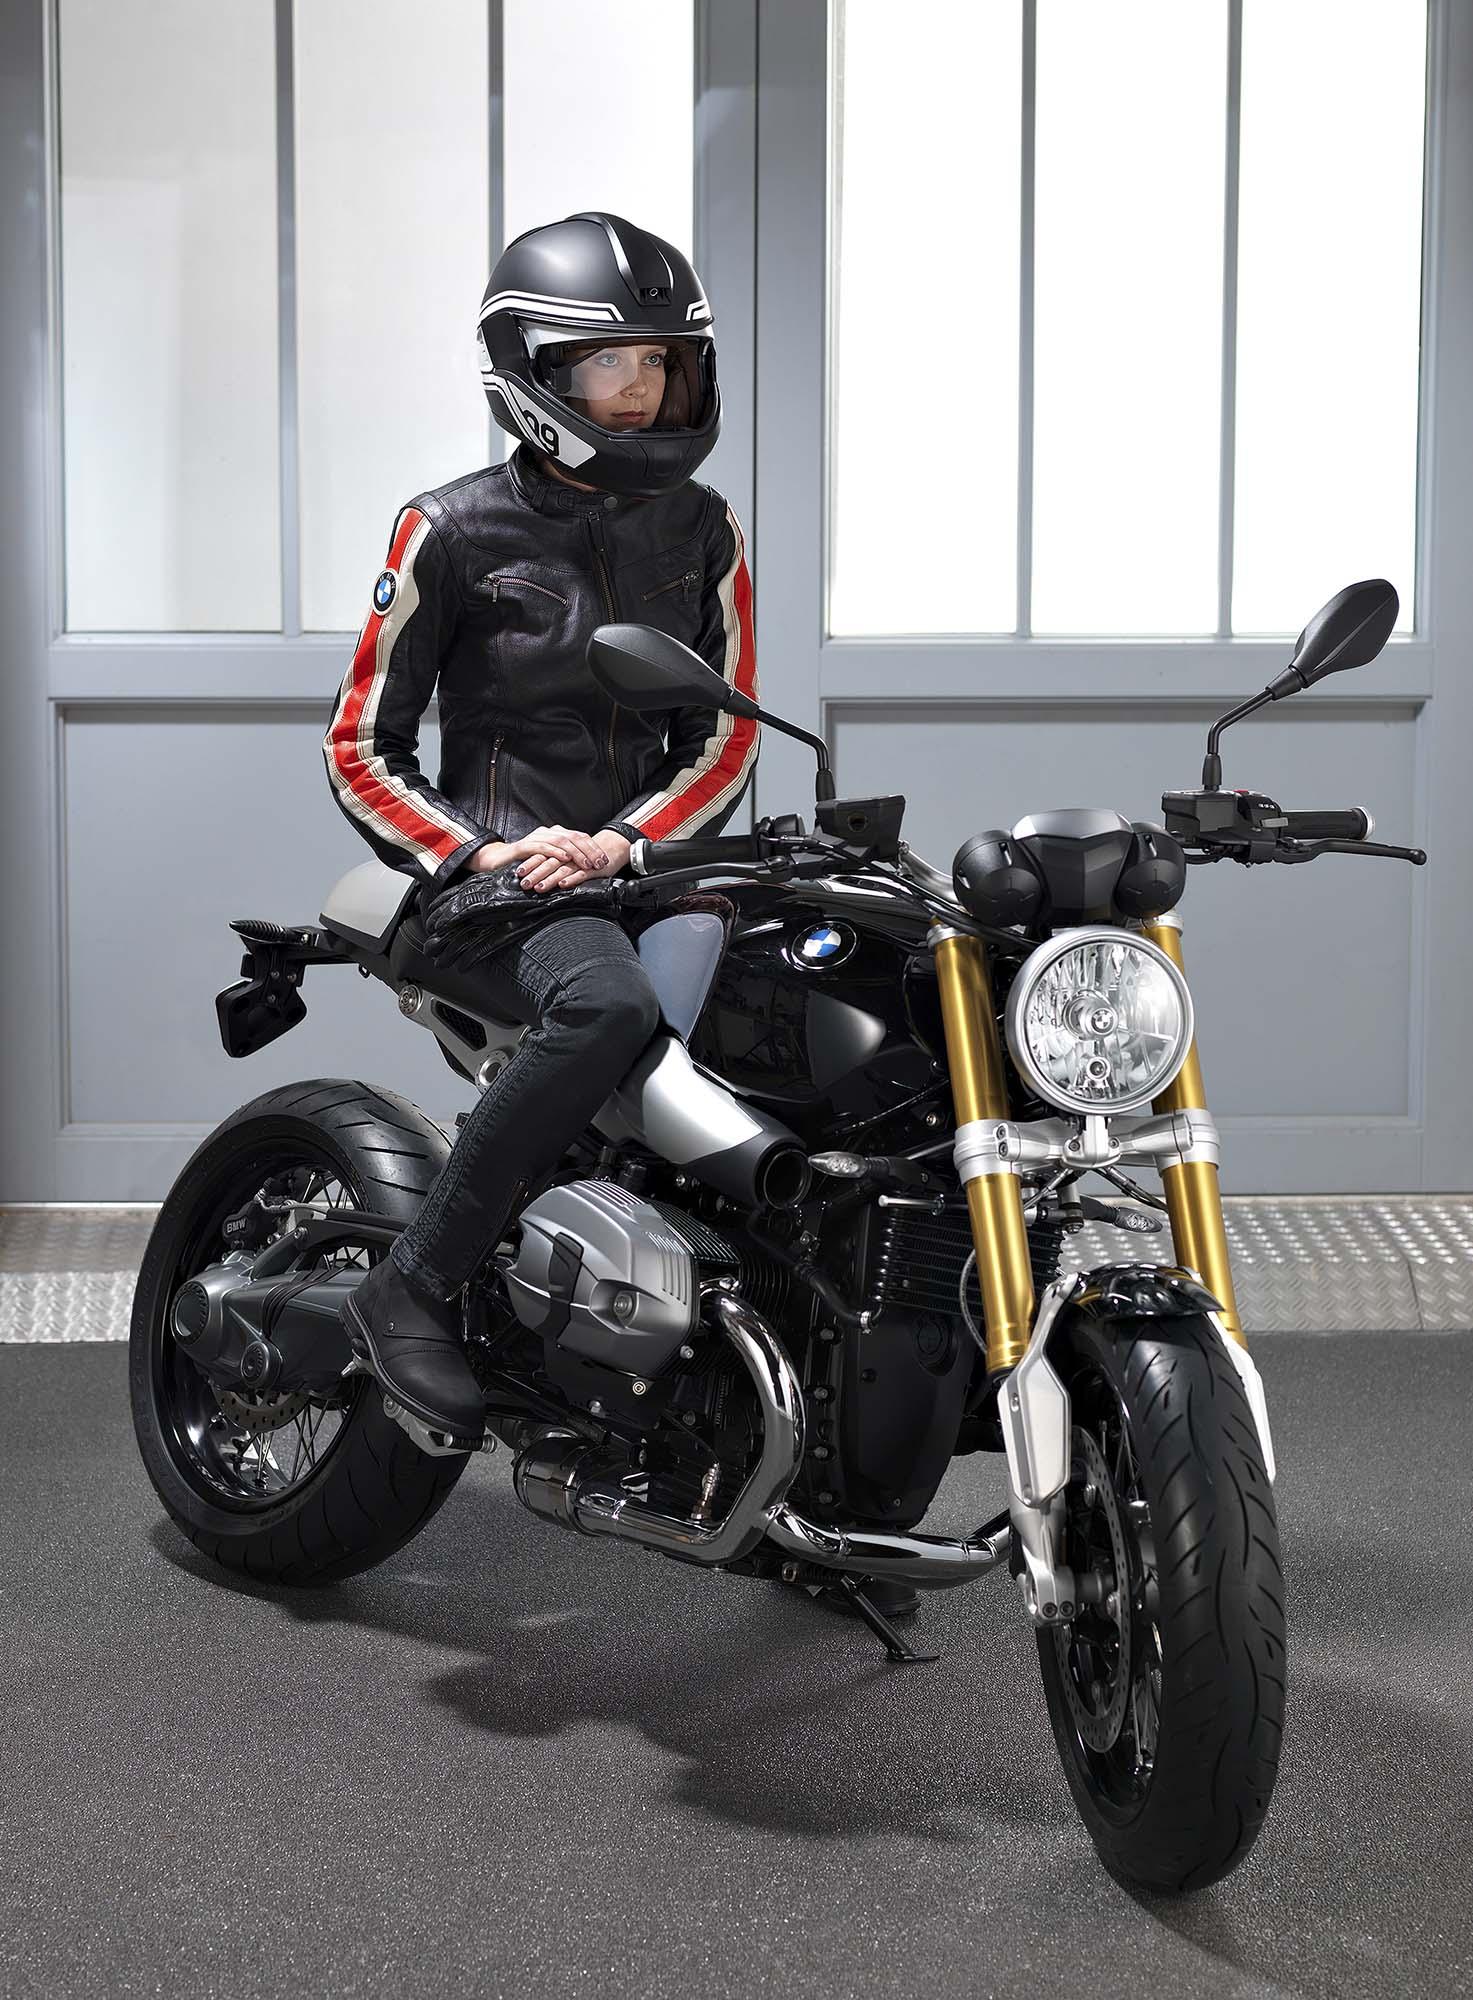 Hud Motorcycle Helmet >> BMW Developing HUD Motorcycle Helmet